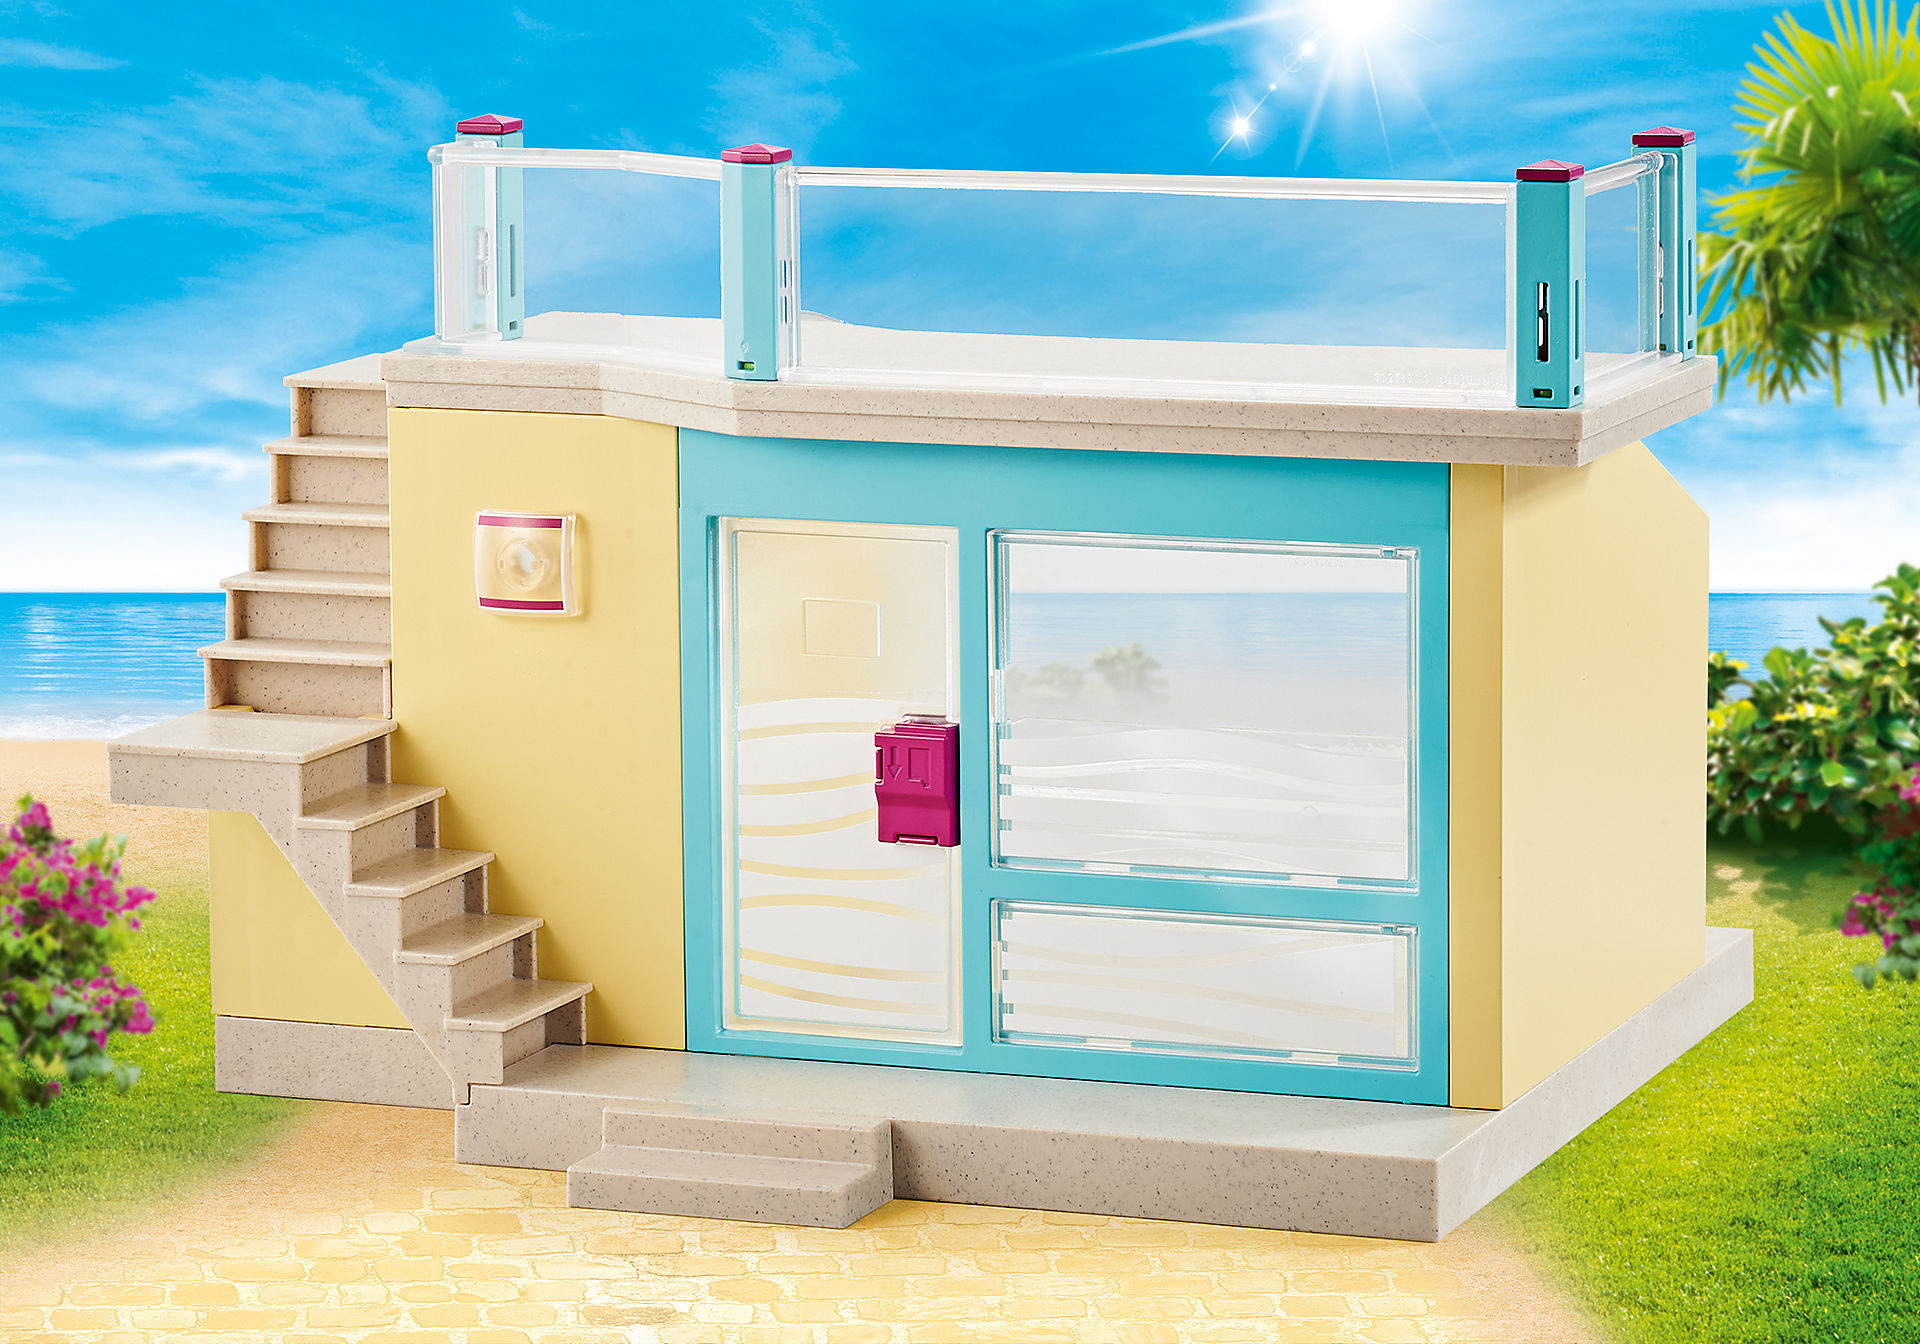 9866 Bungalow supplémentaire pour Beach Hôtel zoom image1